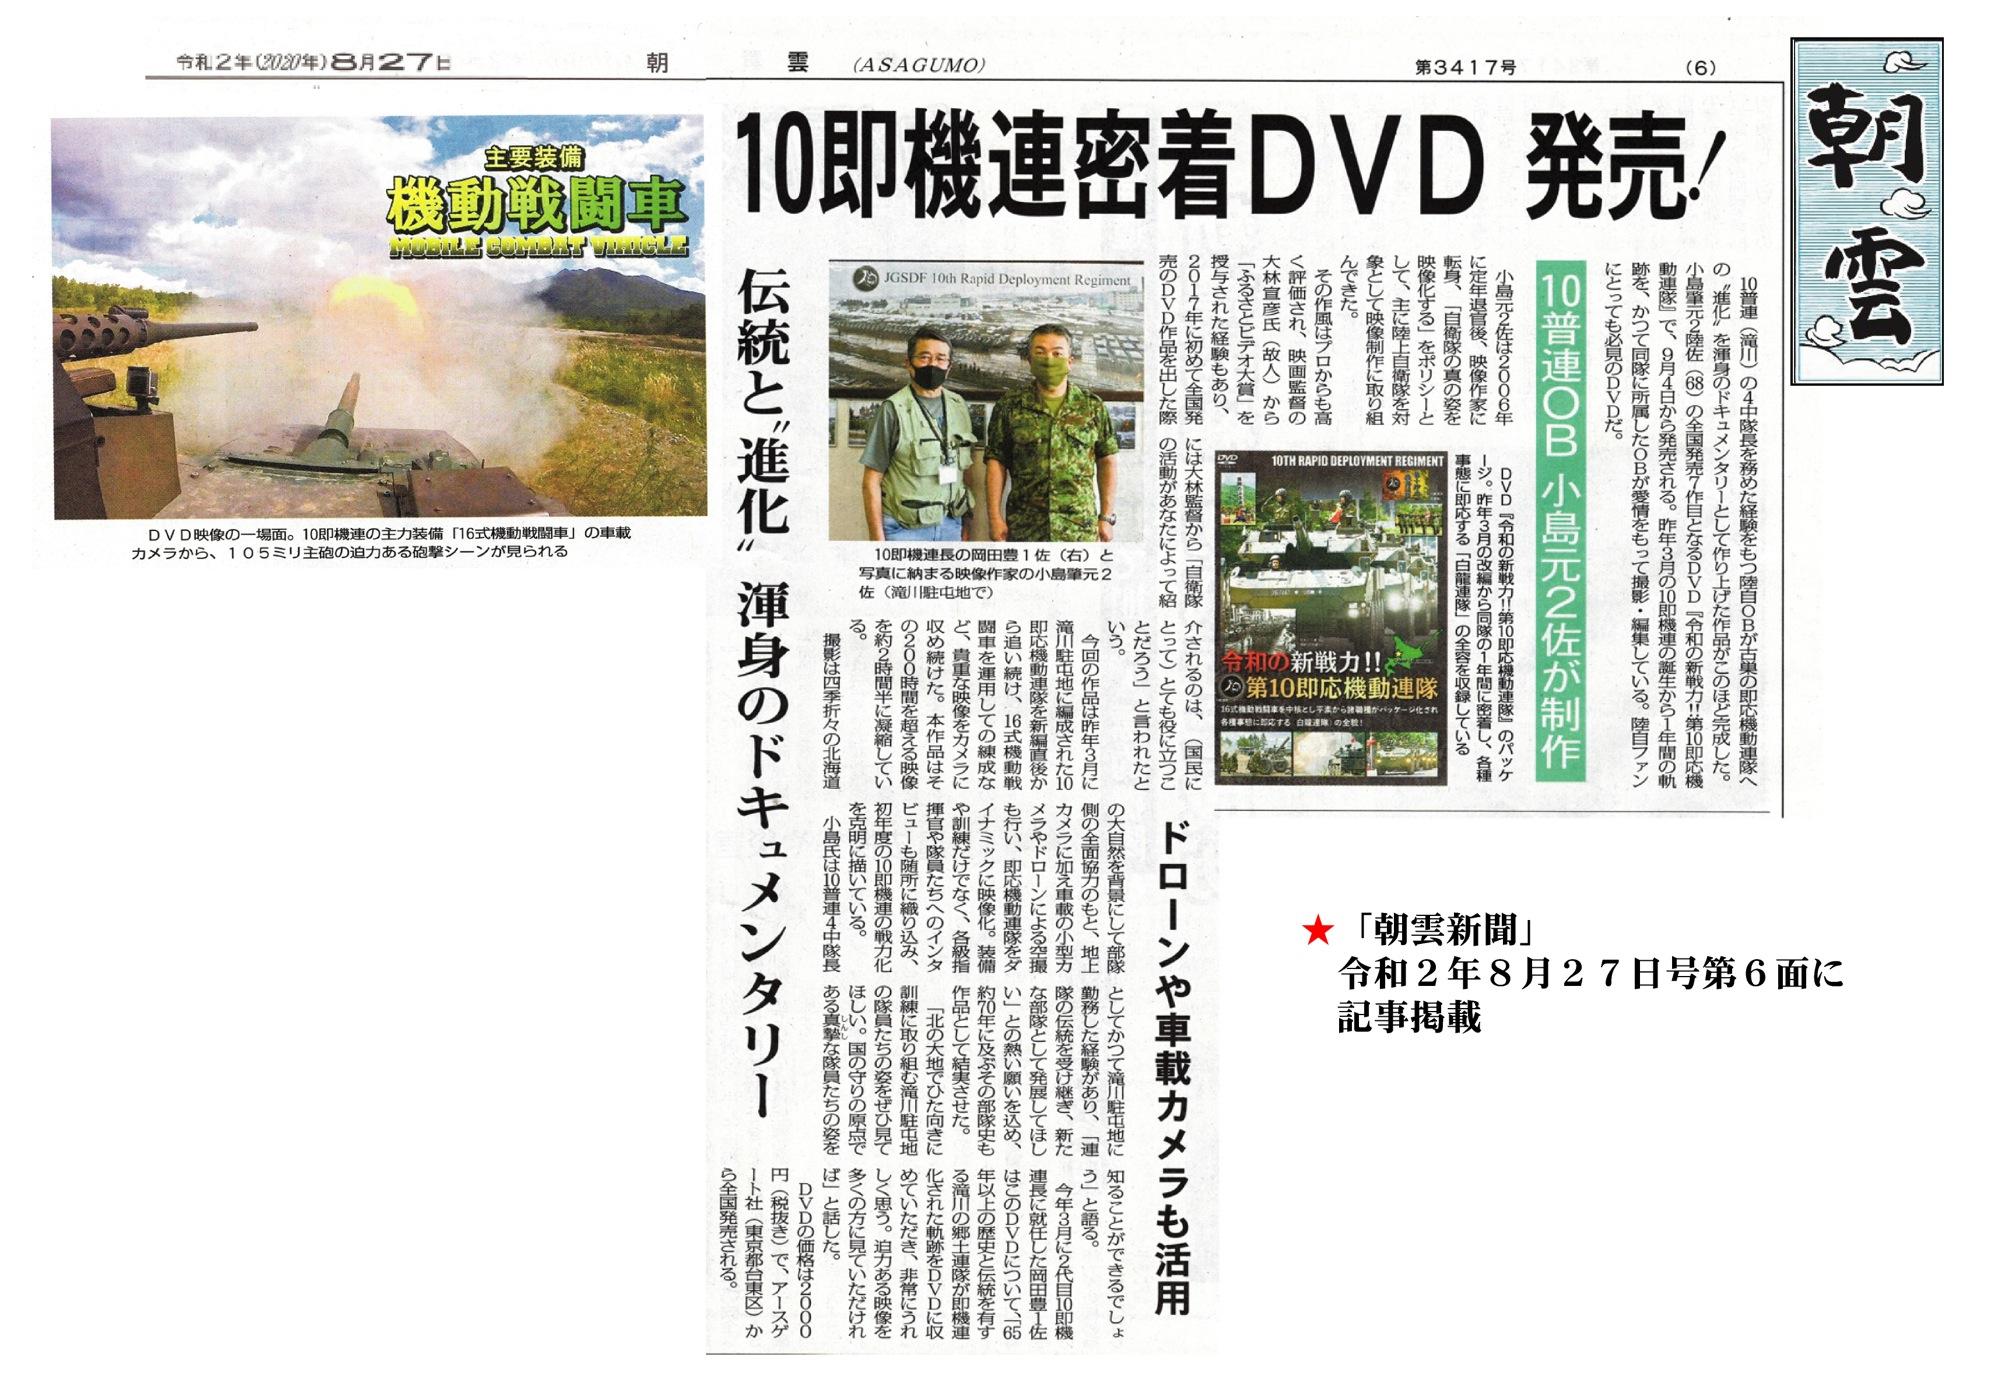 10RDR朝雲記事修正2000.jpg